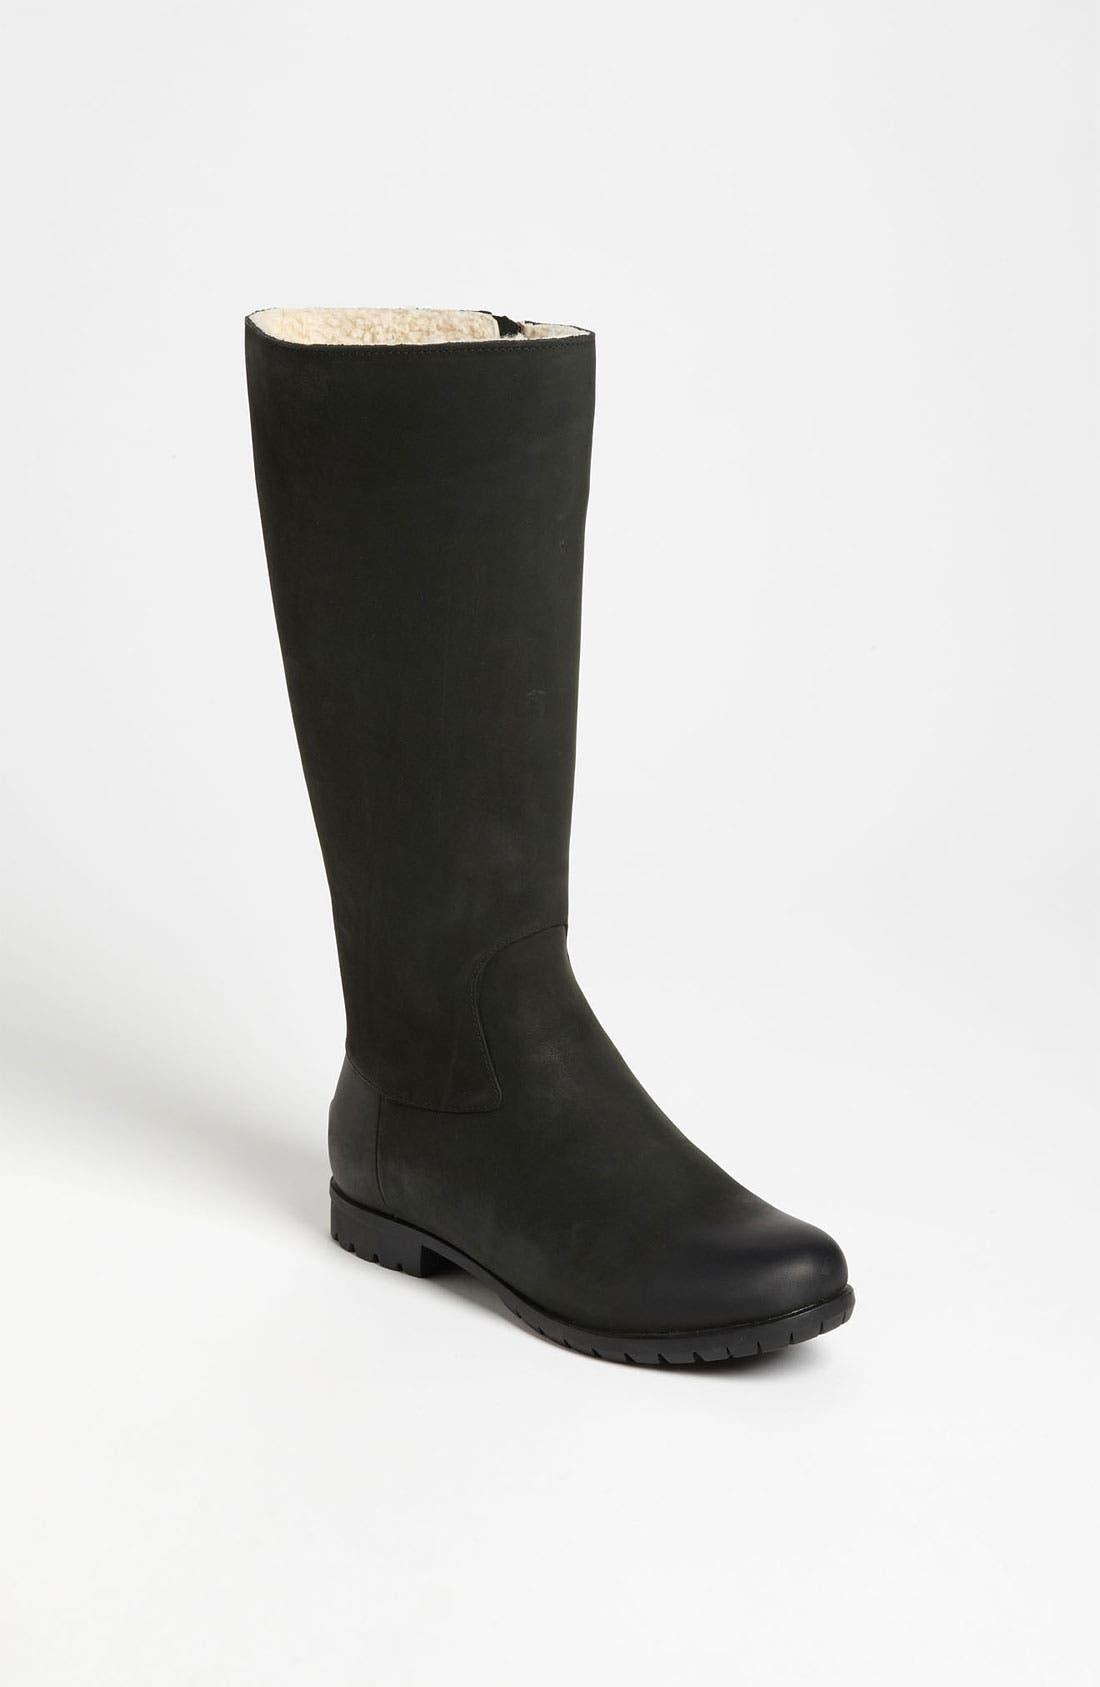 Alternate Image 1 Selected - UGG® Australia 'Broome II' Boot (Women)